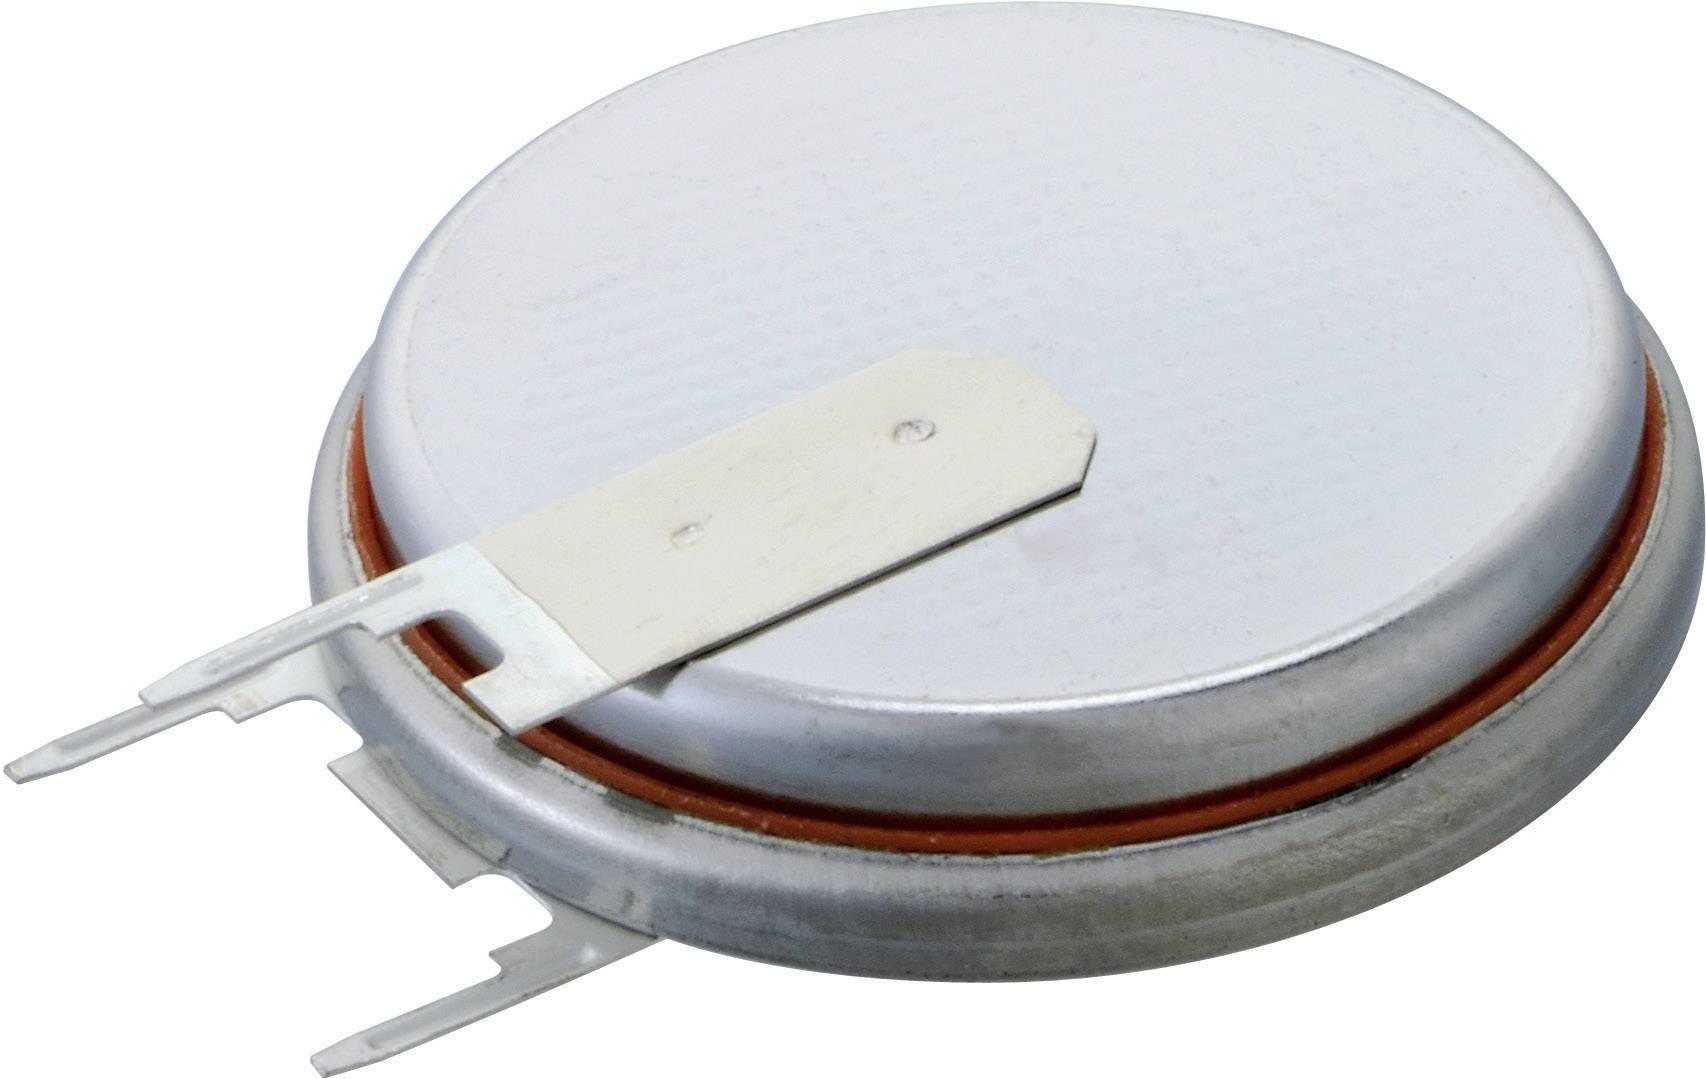 Gombíková batéria Renata CR2450N RV-LF, so spájkovacími kontaktami